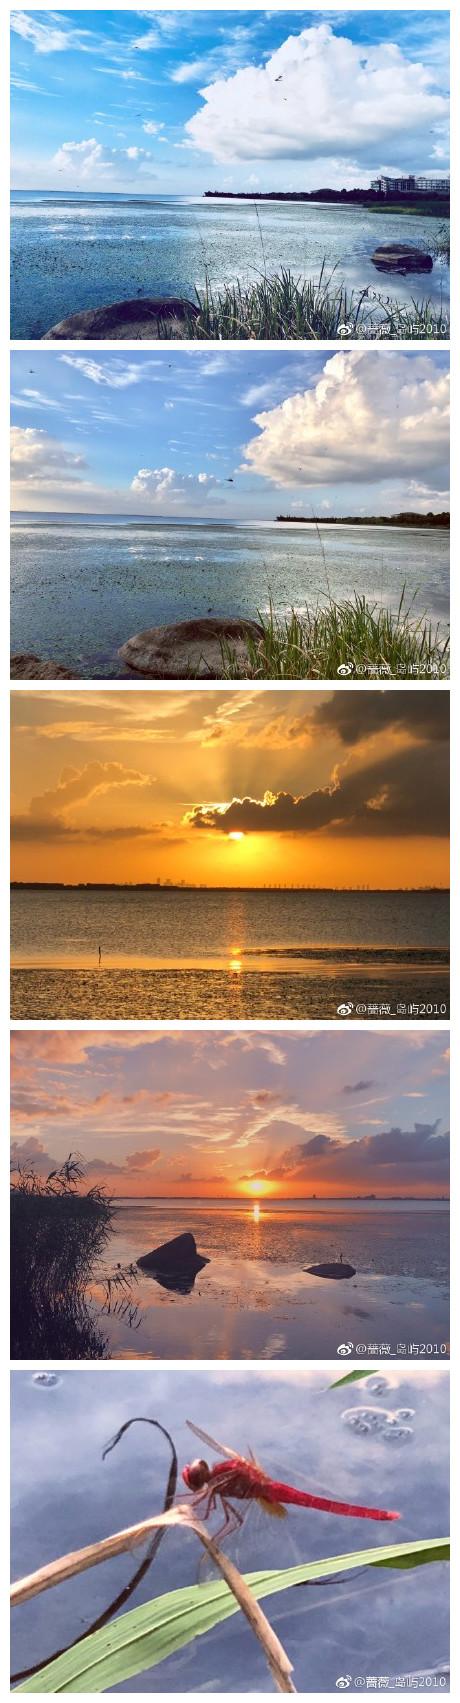 八月未央,湖光潋滟…………